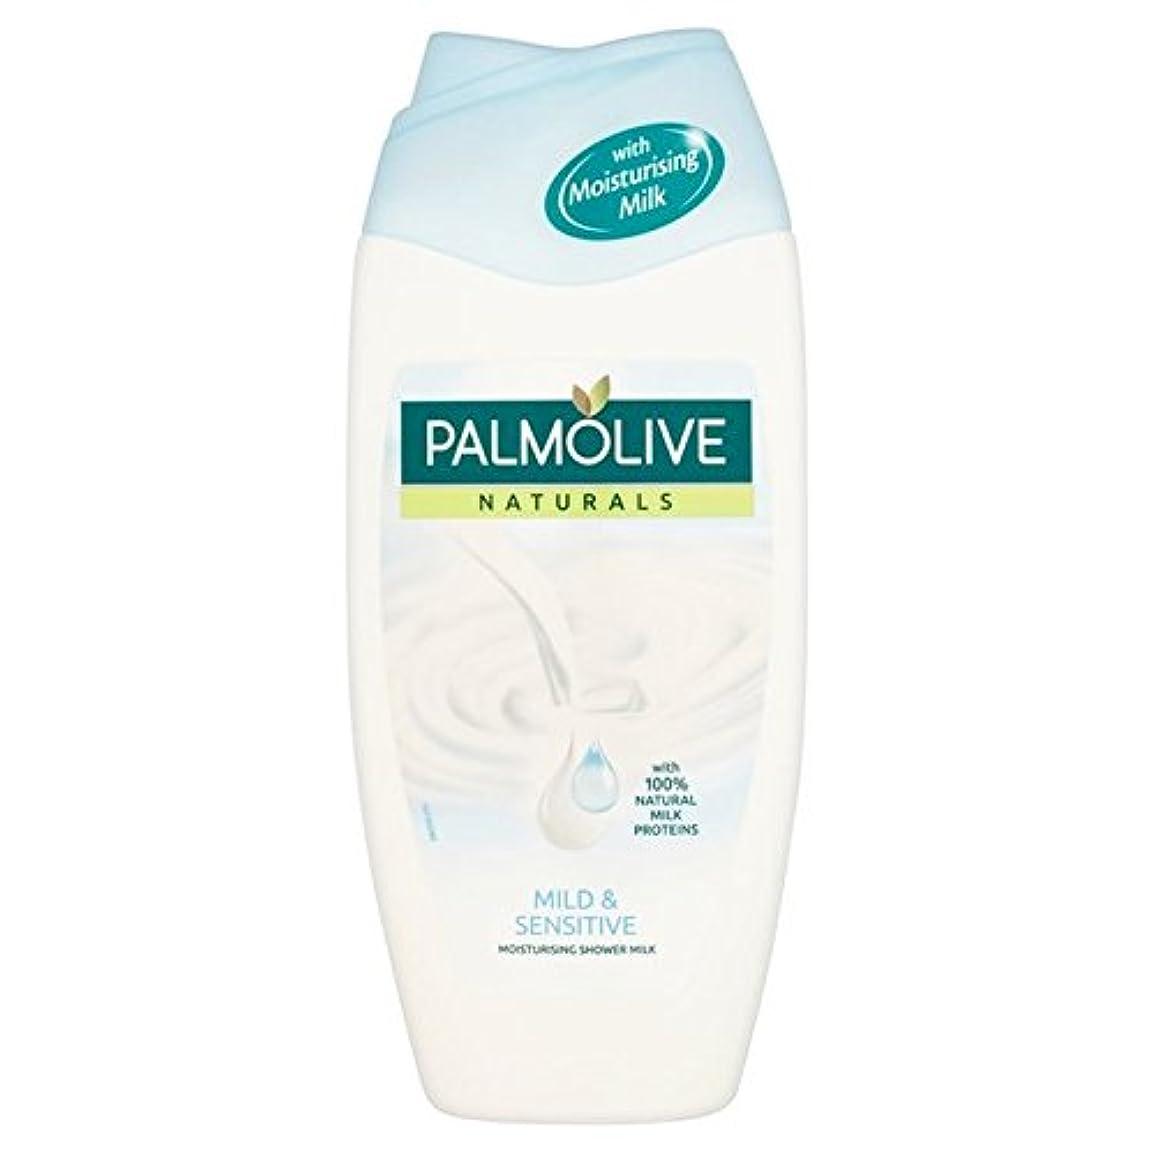 ジュニア彼はお香パルモナチュラルシャワーミルクマイルド&敏感250ミリリットル x4 - Palmolive Naturals Shower Milk Mild & Sensitive 250ml (Pack of 4) [並行輸入品]